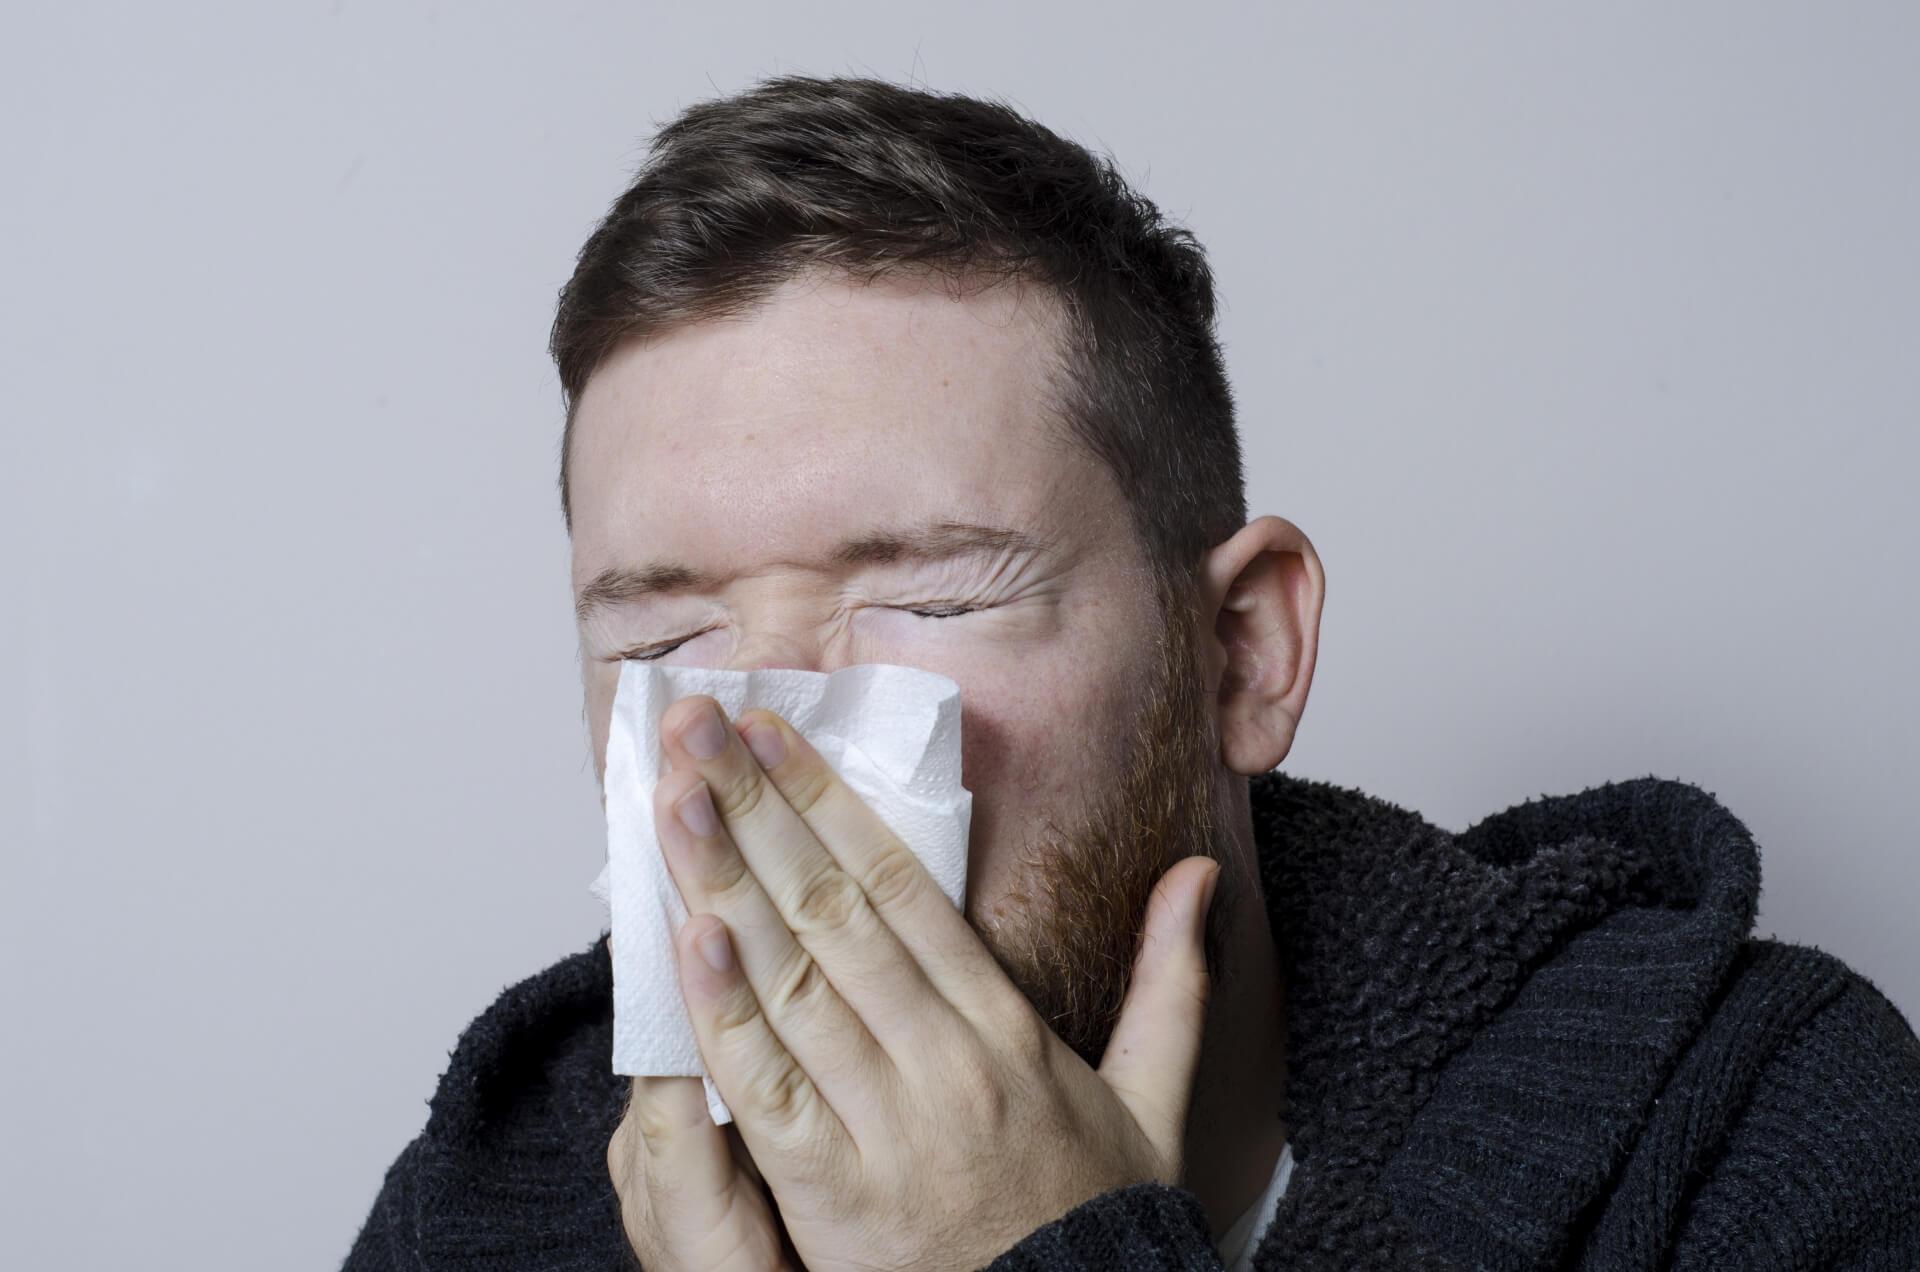 カラオケで困ってしまう前に…鼻づまりを解消する方法